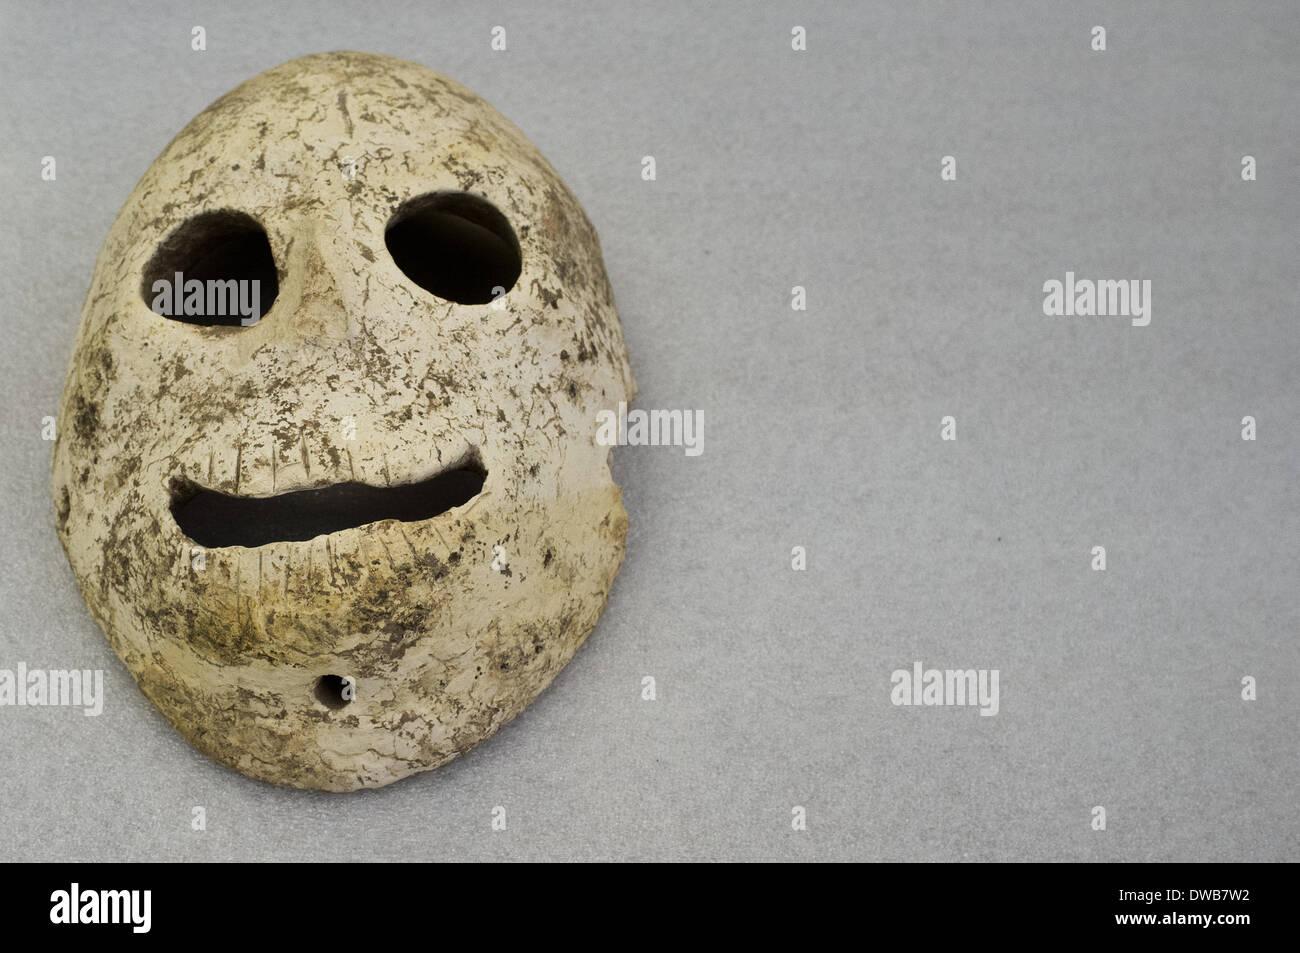 Jérusalem, Israël. Le 05 Mar, 2014. Le Musée d'Israël réunit pour la première fois un groupe rare de 9 000 ans, les masques de pierre néolithique, le plus ancien connu à ce jour, tous originaires des collines de Judée et du désert de Judée. Les masques sont soupçonnés d'avoir représenté les esprits des ancêtres défunts. C'est la première fois que la majorité des masques sera sur l'affichage public. Credit: Alon Nir/Alamy Live News Banque D'Images